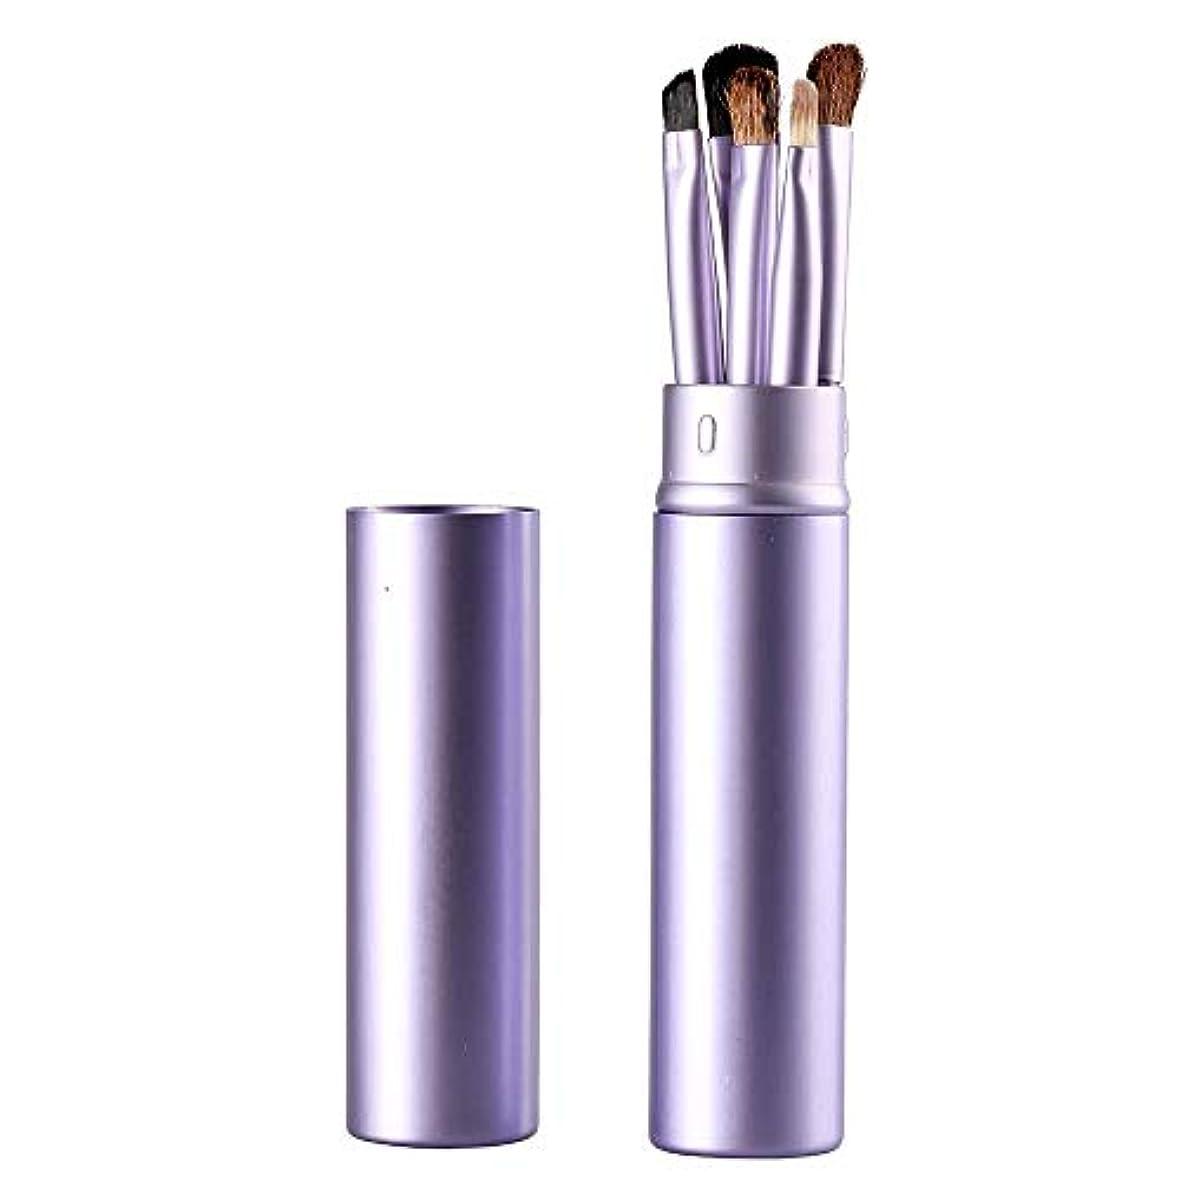 独立して請求可能印象的なMakeup brushes 紫色、アイメイクブラシセットブラシ5アイブラシメイクペン美容メイクツールで化粧チューブ保護 suits (Color : Purple)